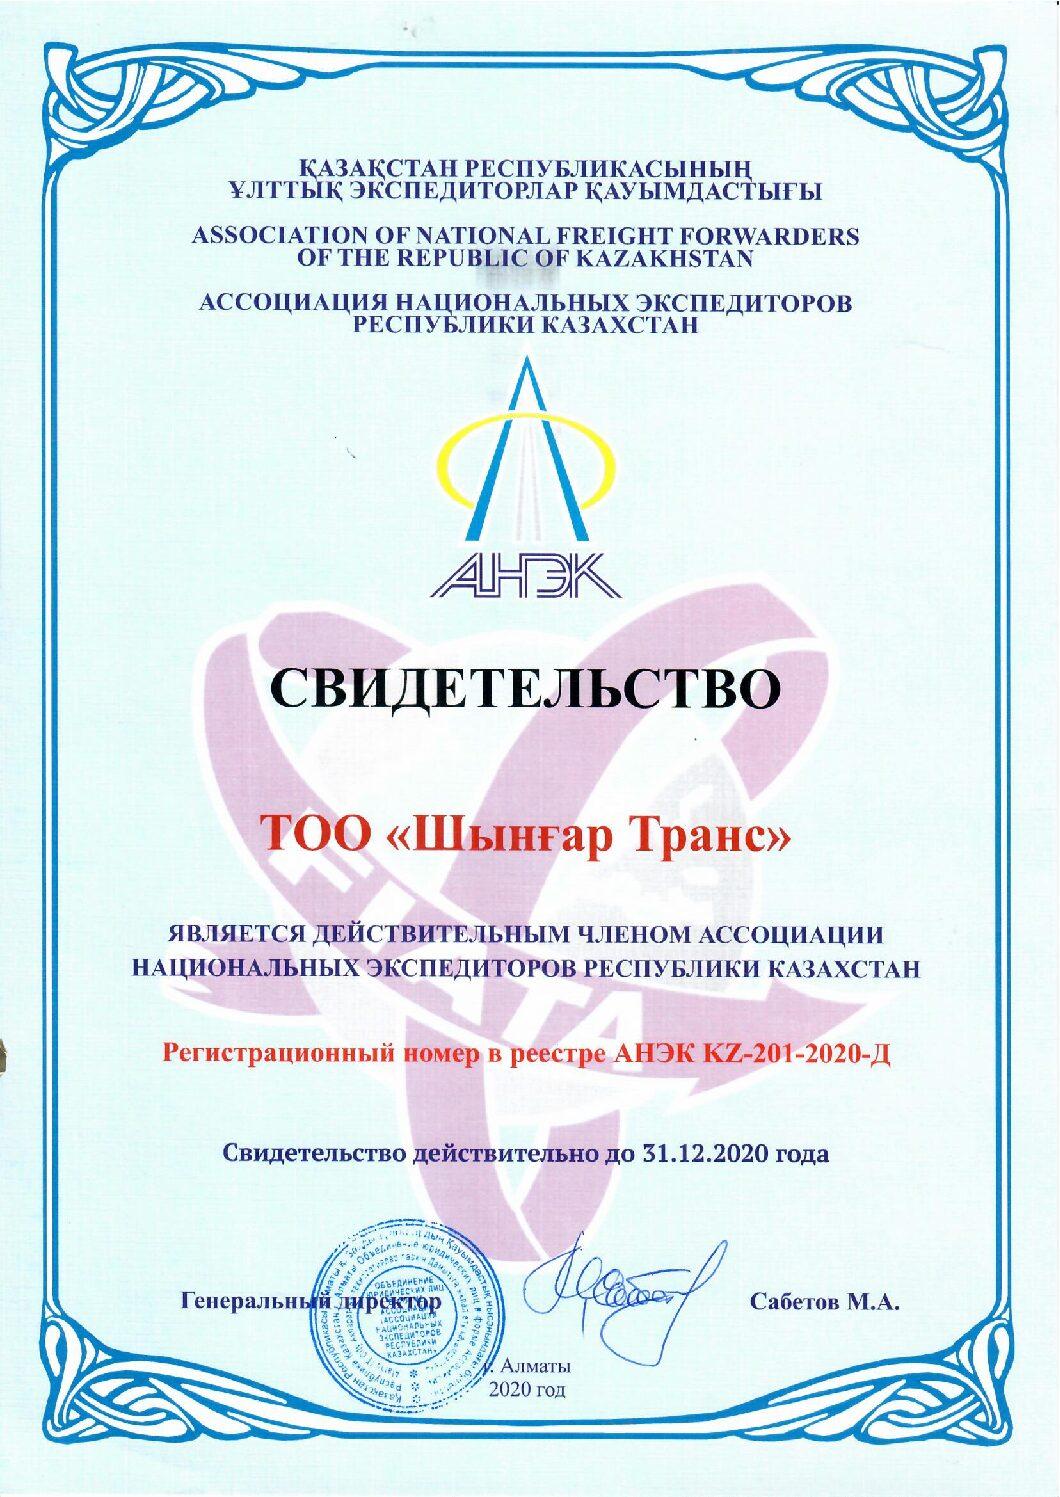 Сертификат АНЭК